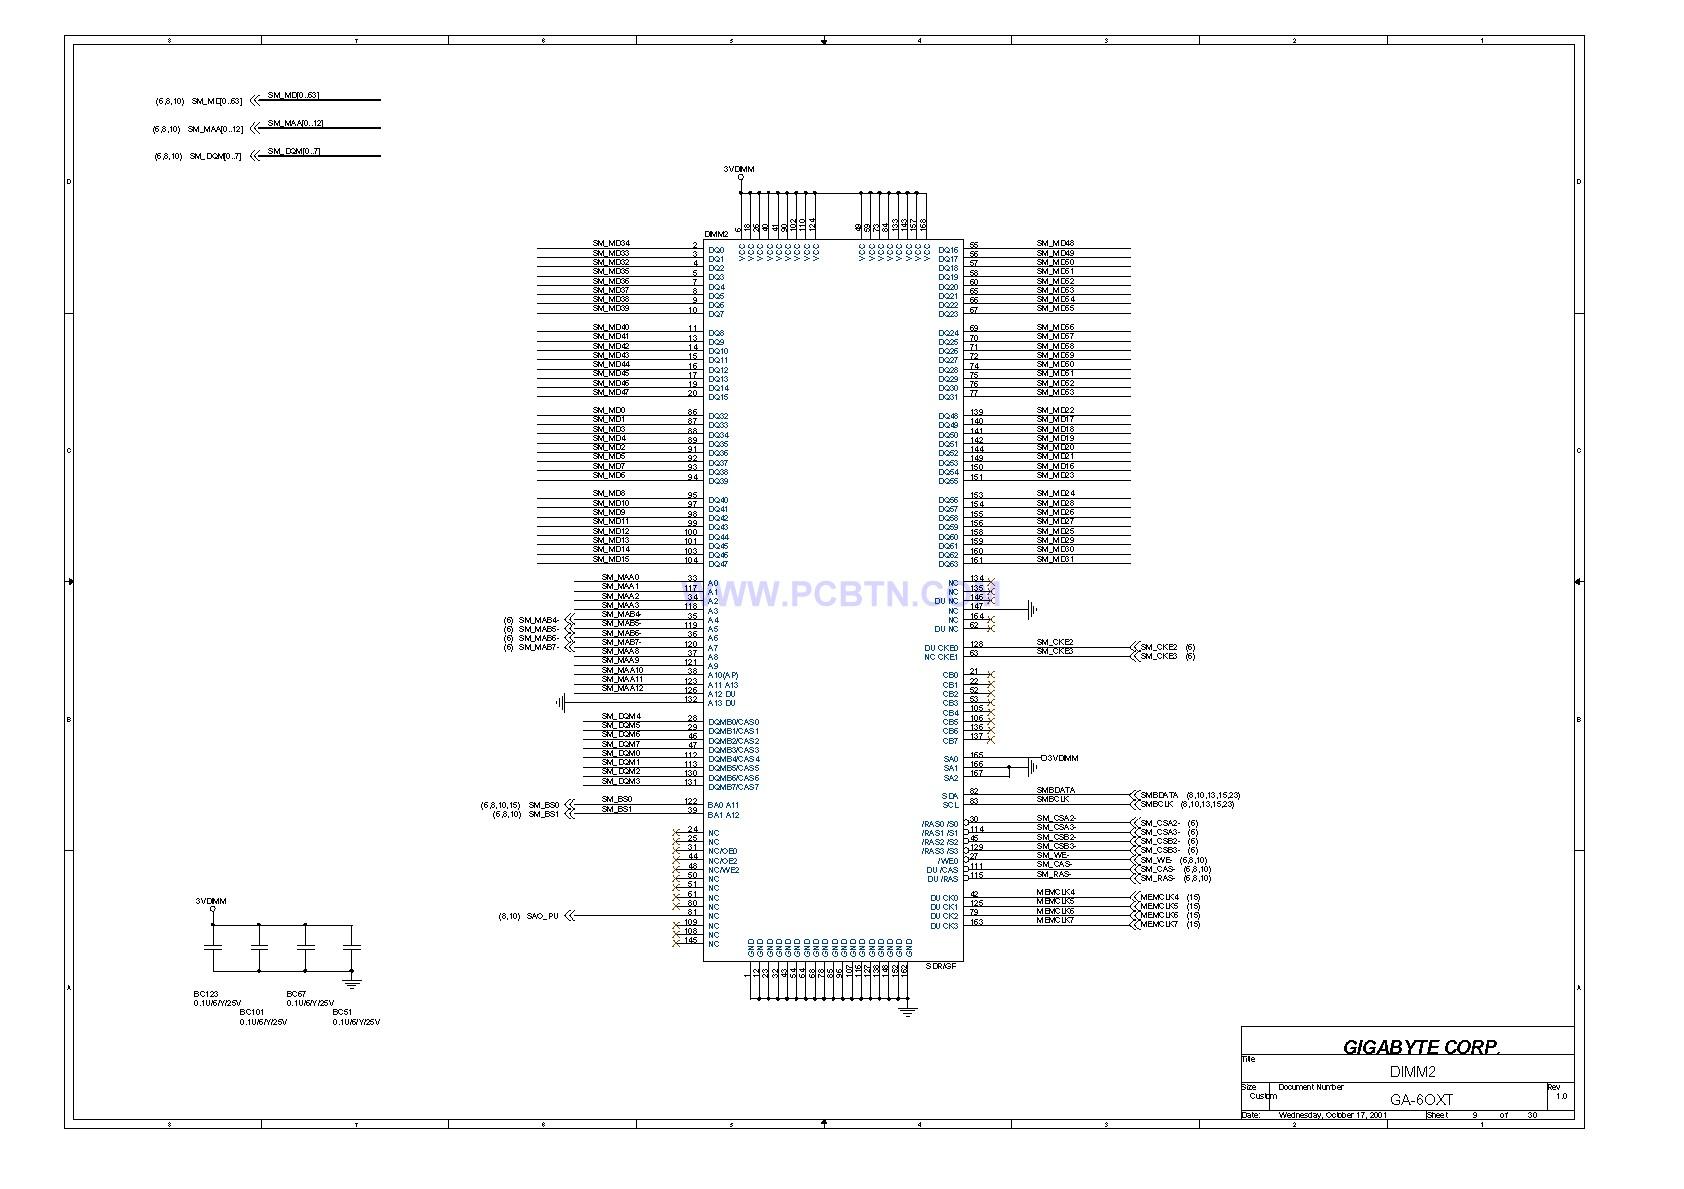 6OXT(1.0)电脑主板设计图[_]09